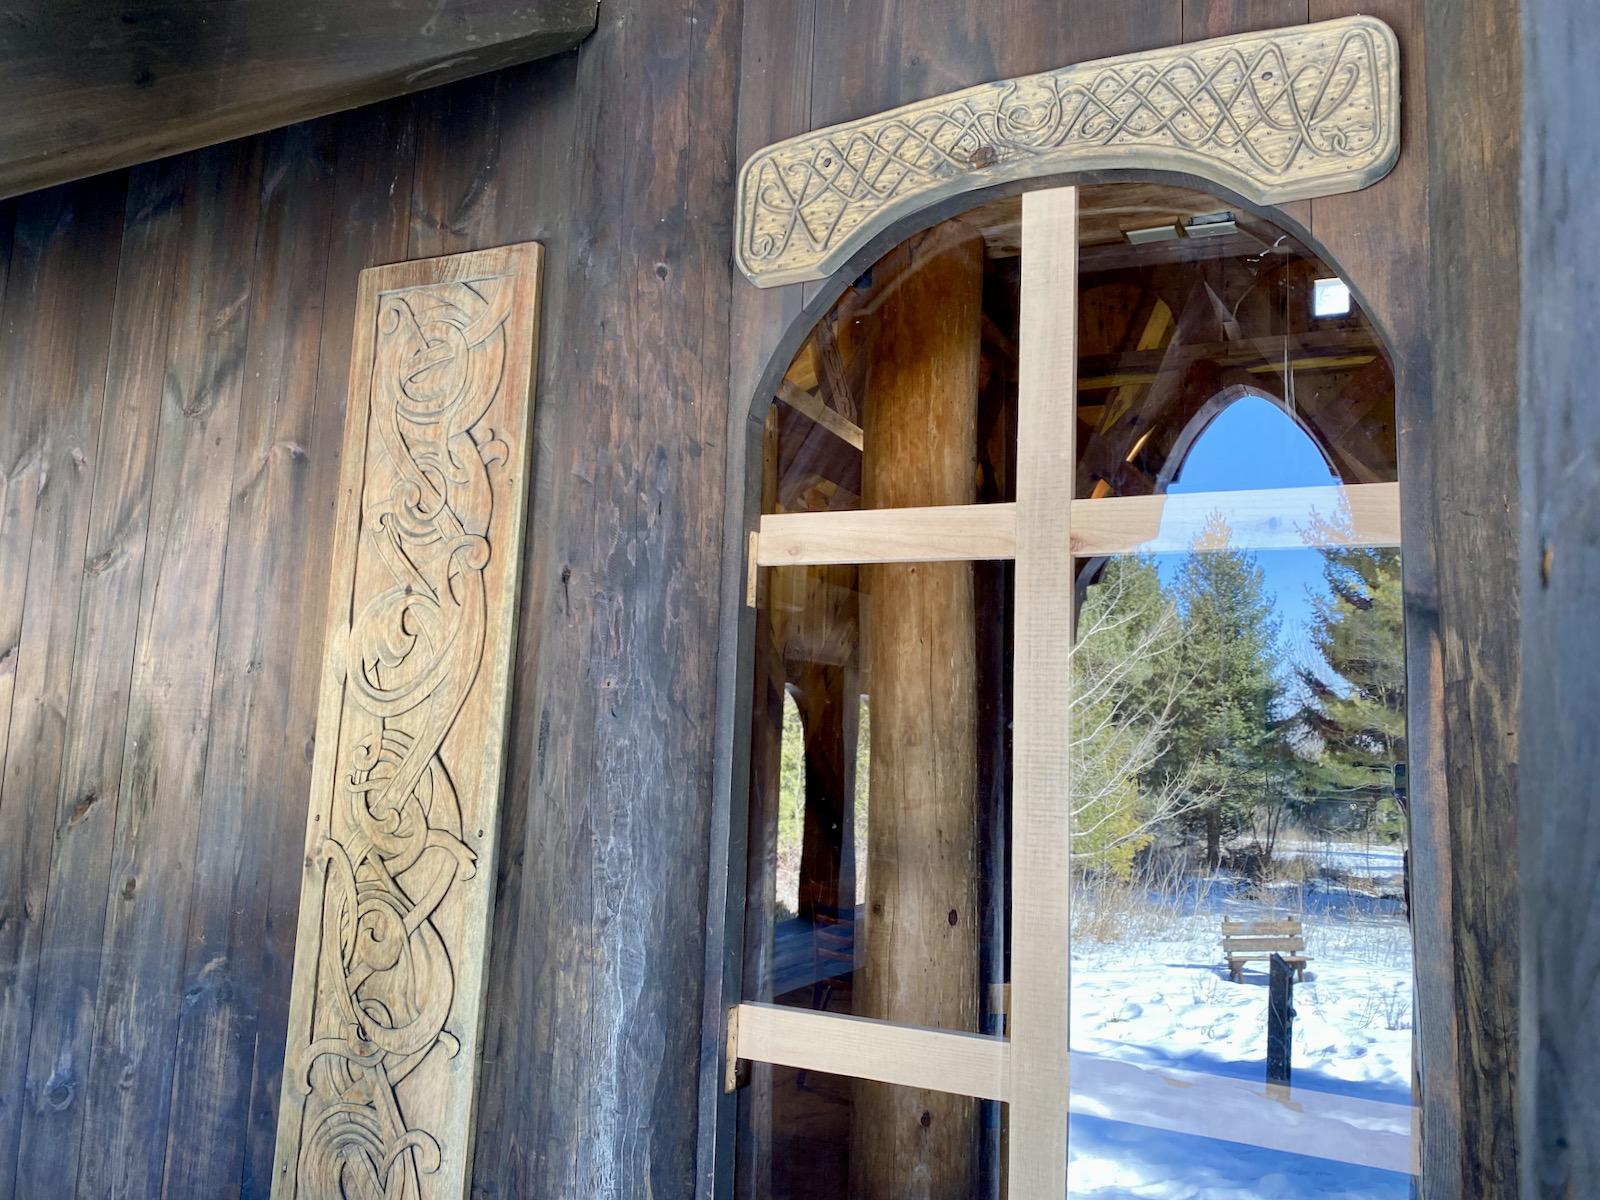 Carvings on Stavekirke